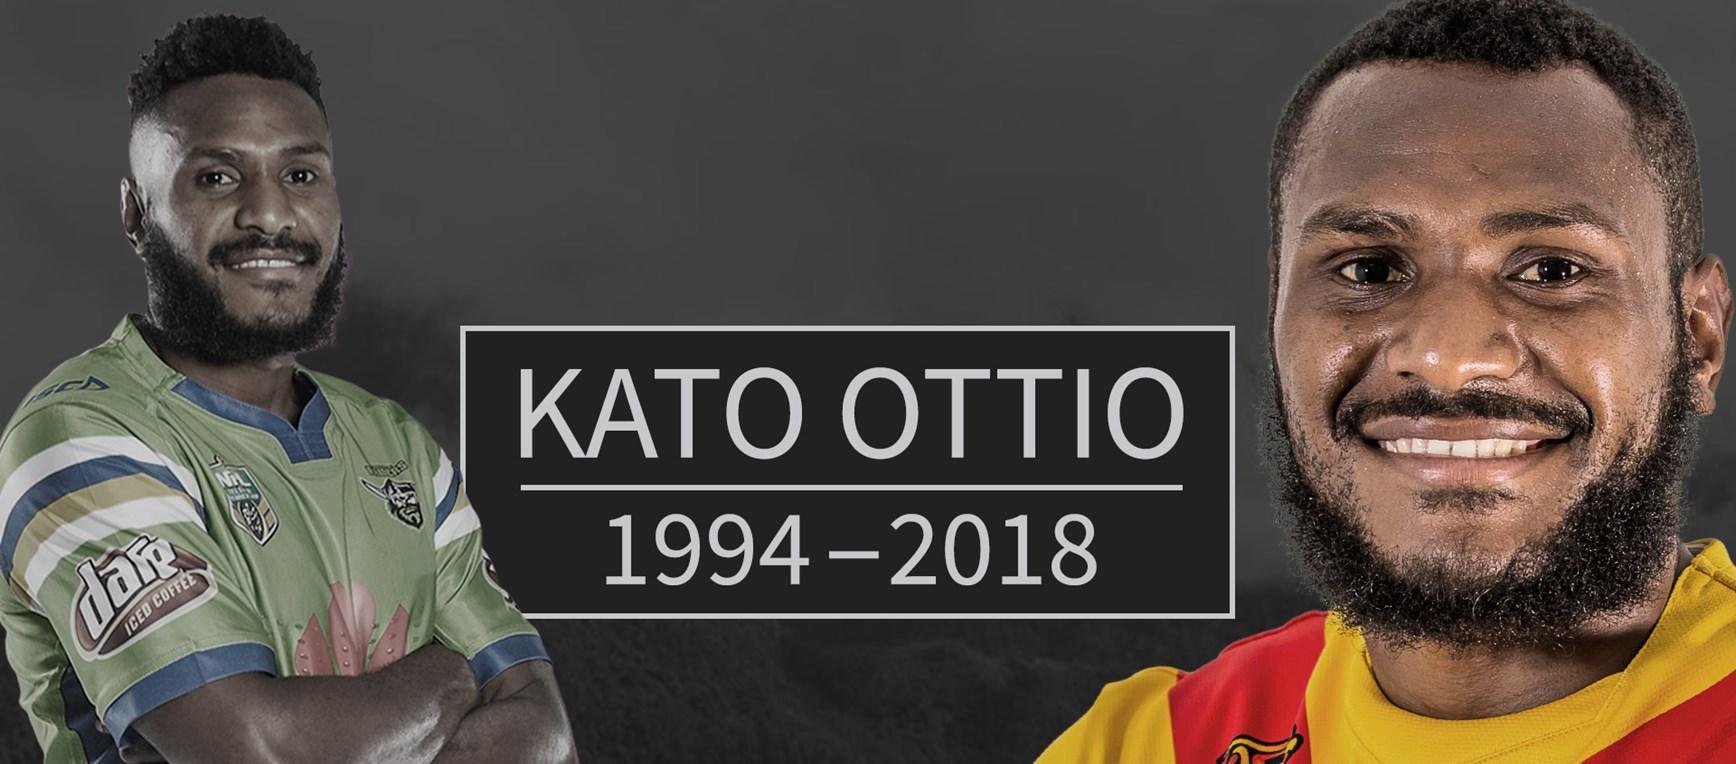 Kato Ottio 1994-2018